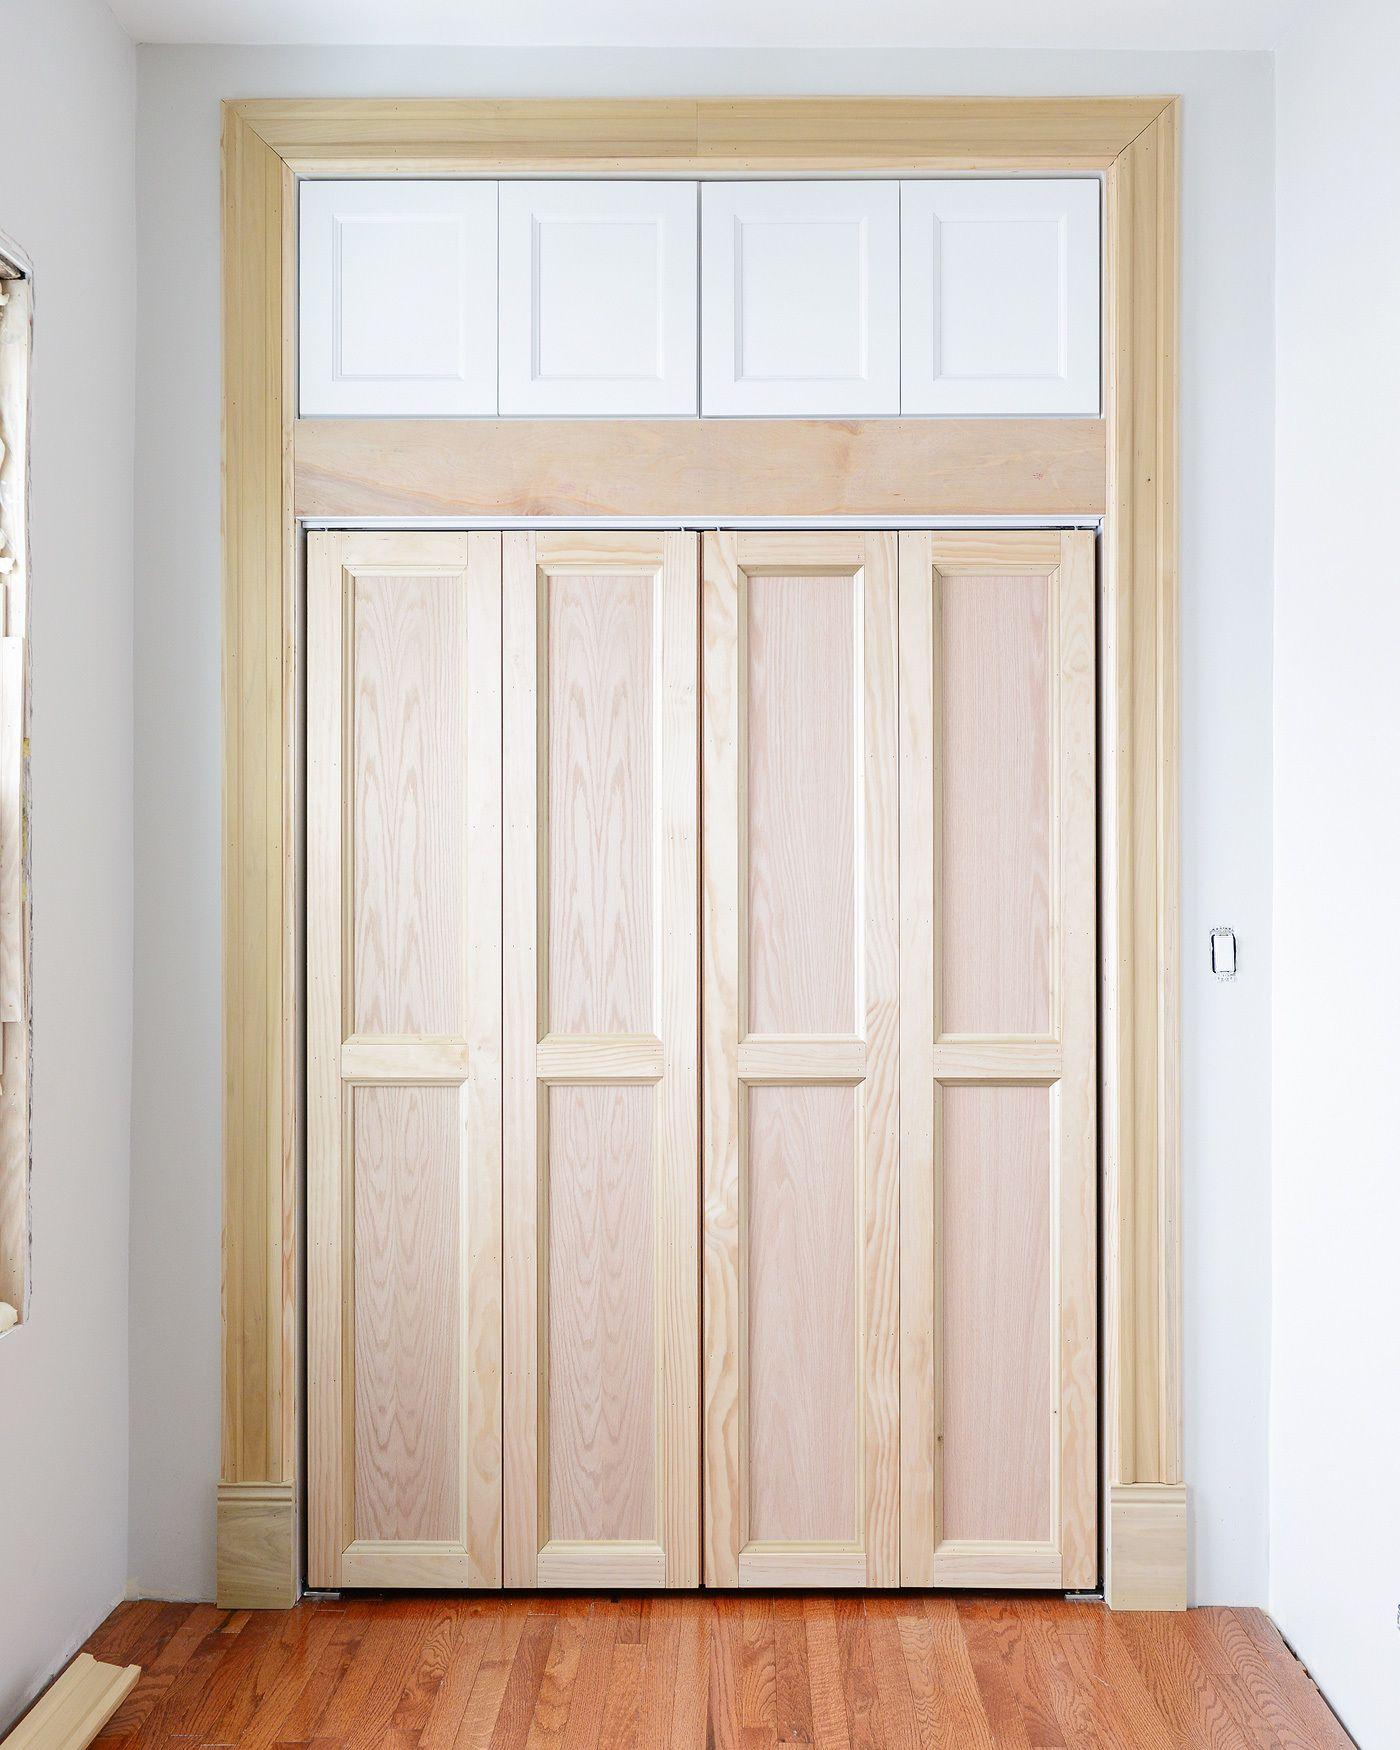 Adding Extra Deep Cabinets Above Our Closet Build A Closet